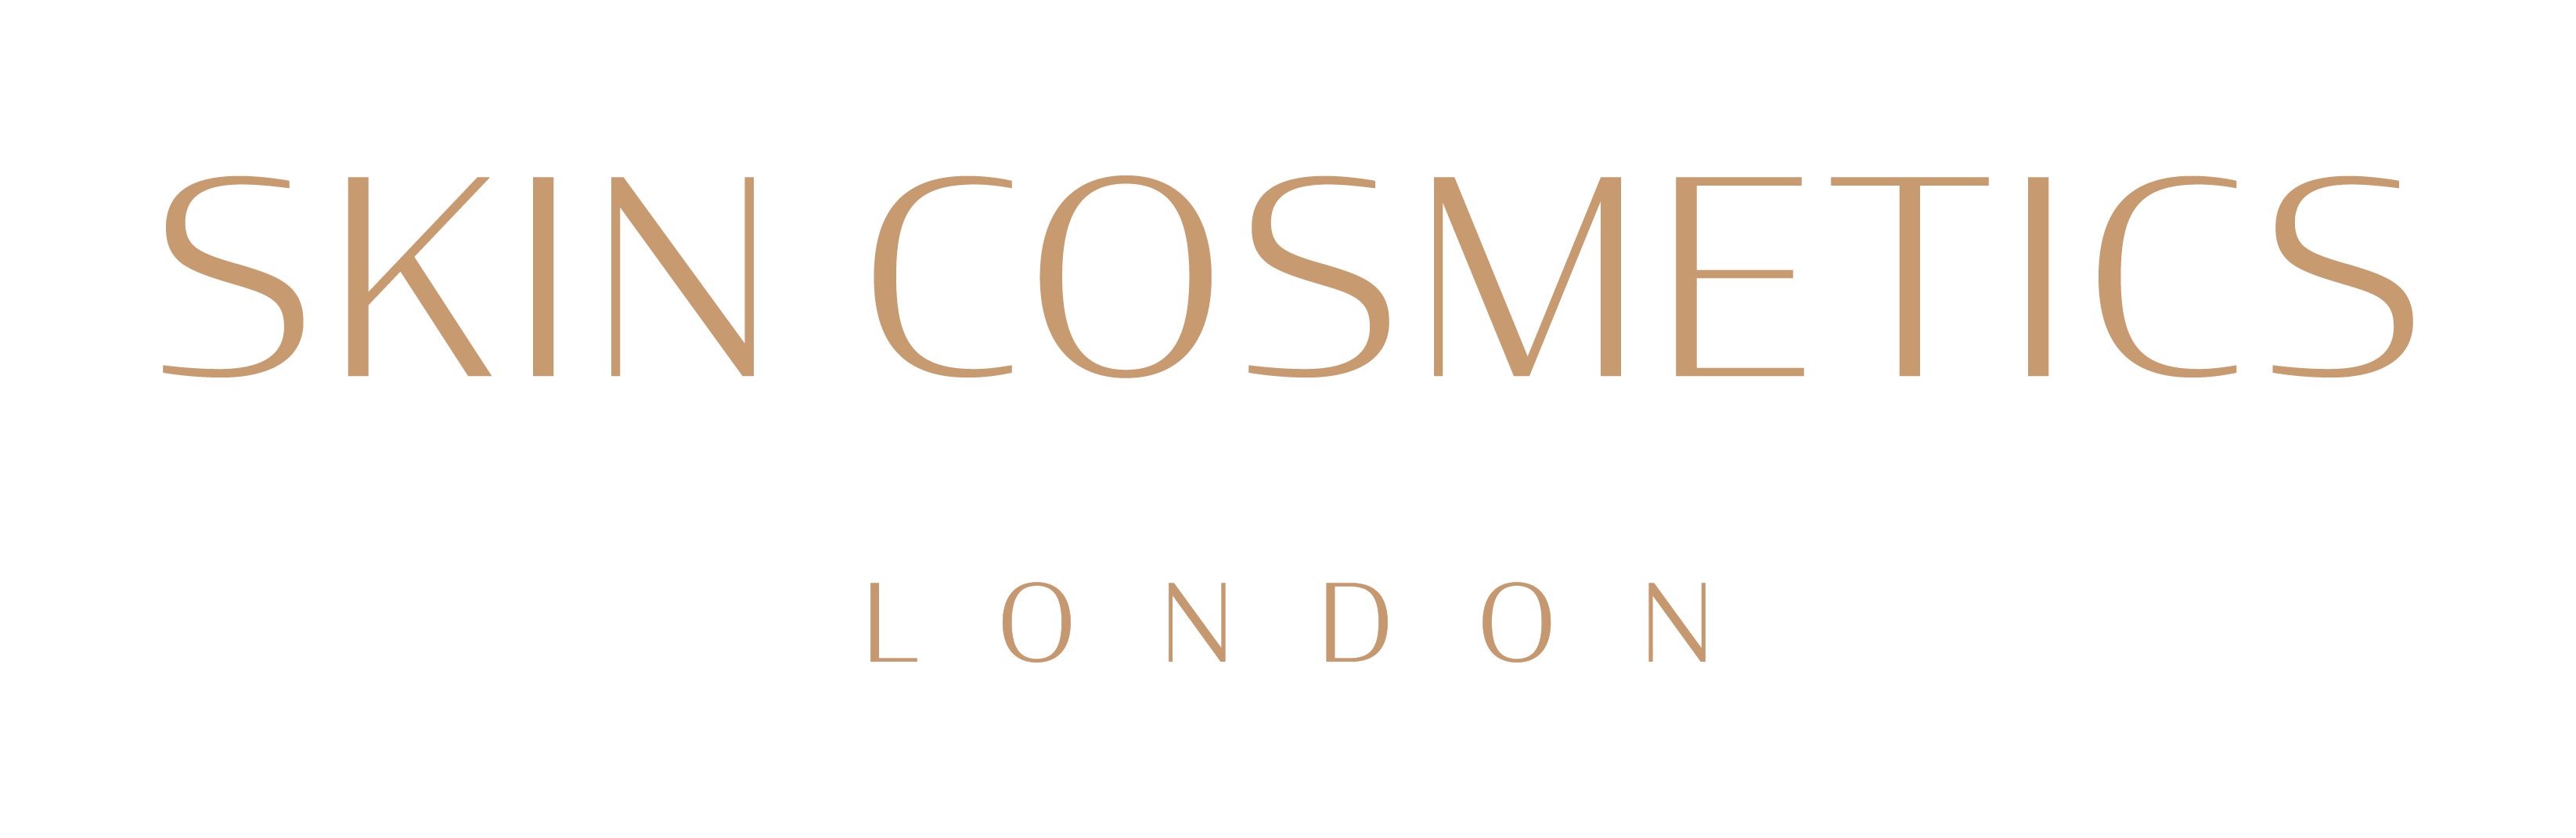 SKIN COSMETICS LONDON